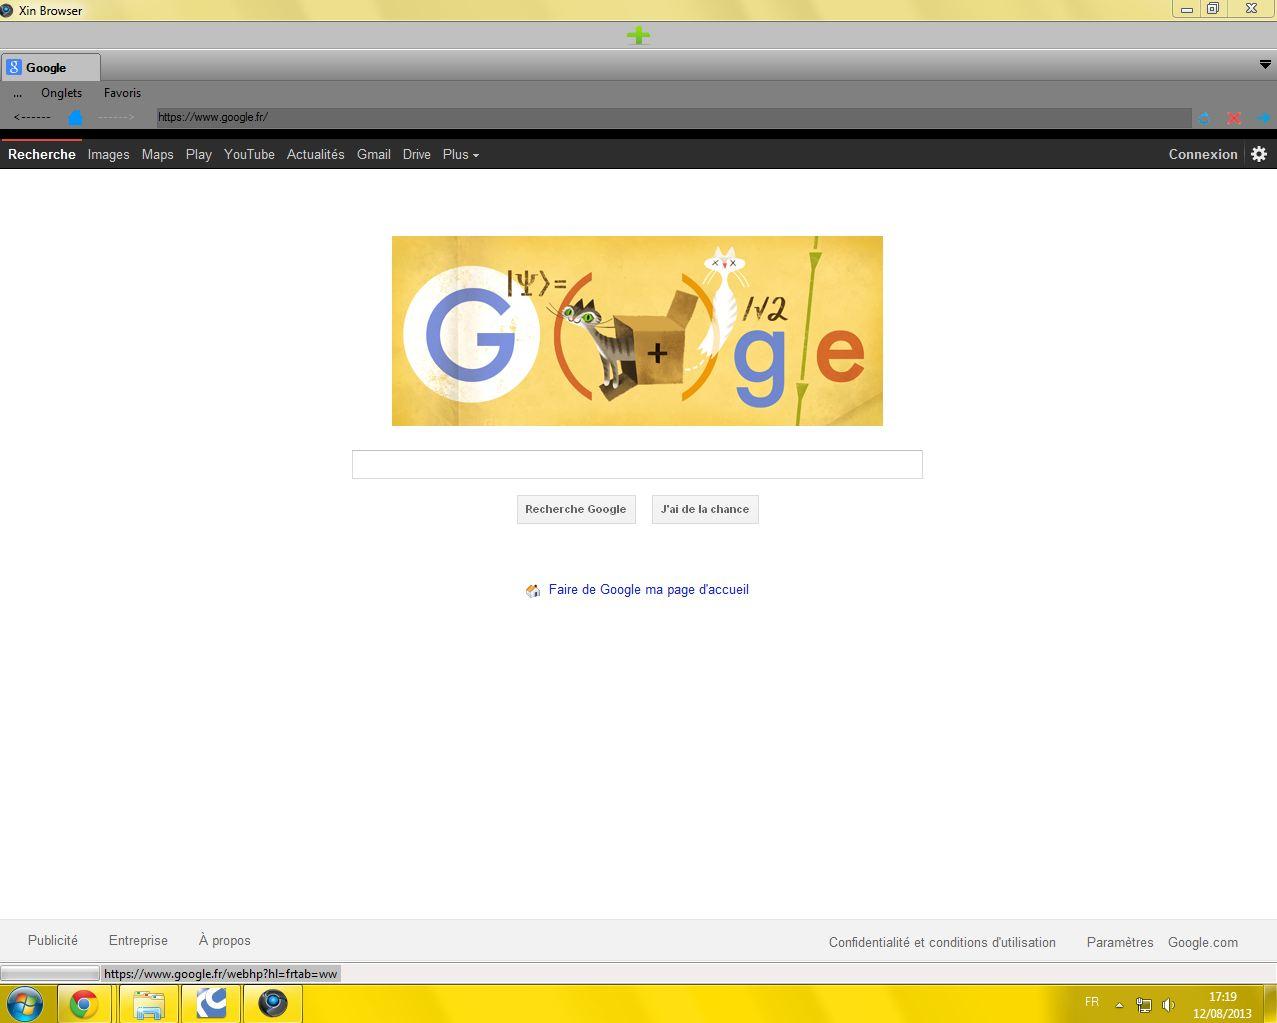 Capture d'écran Xin Browser